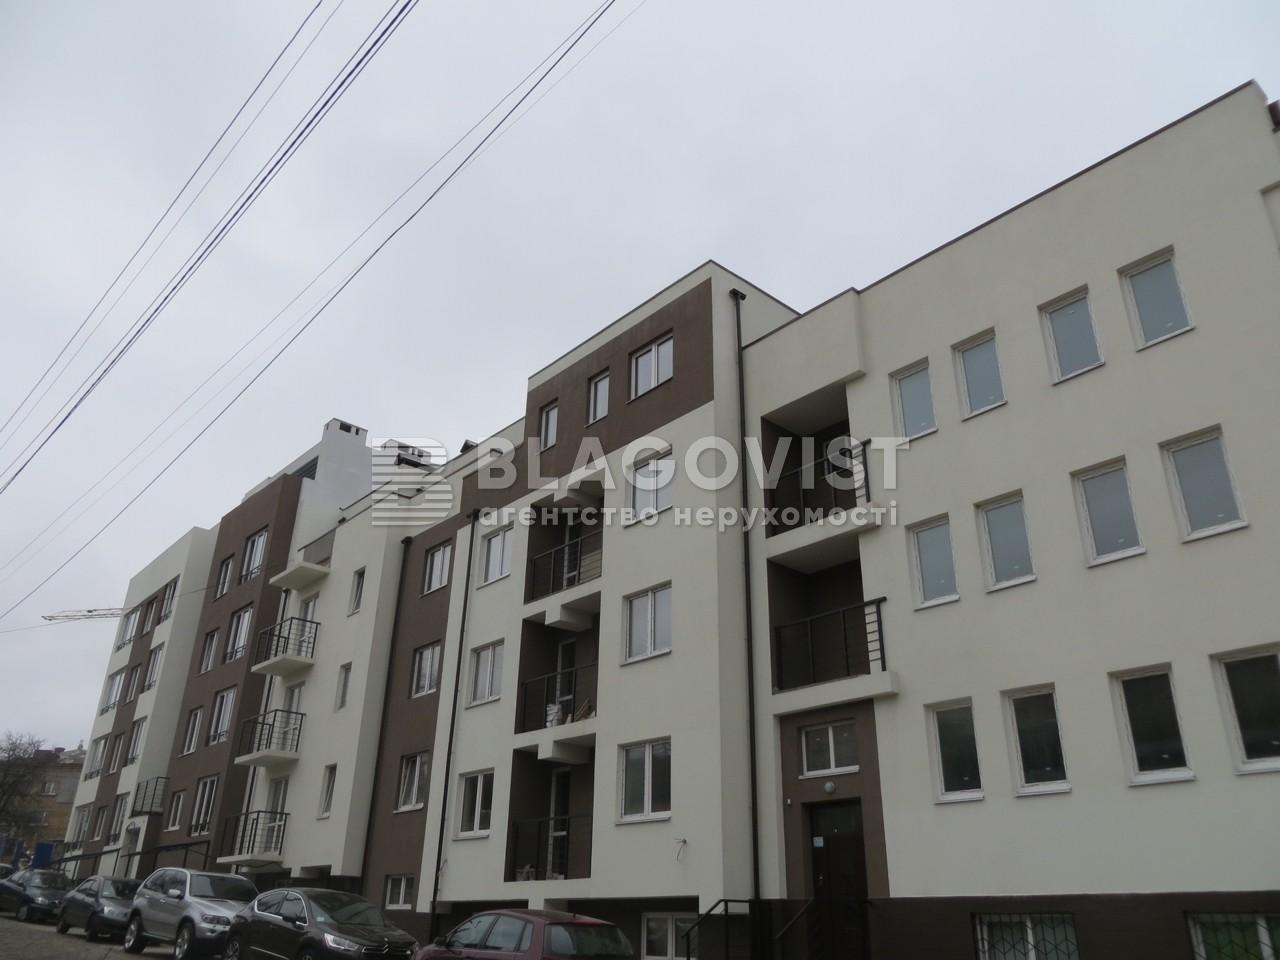 Квартира H-45116, Майкопская, 1а, Киев - Фото 1